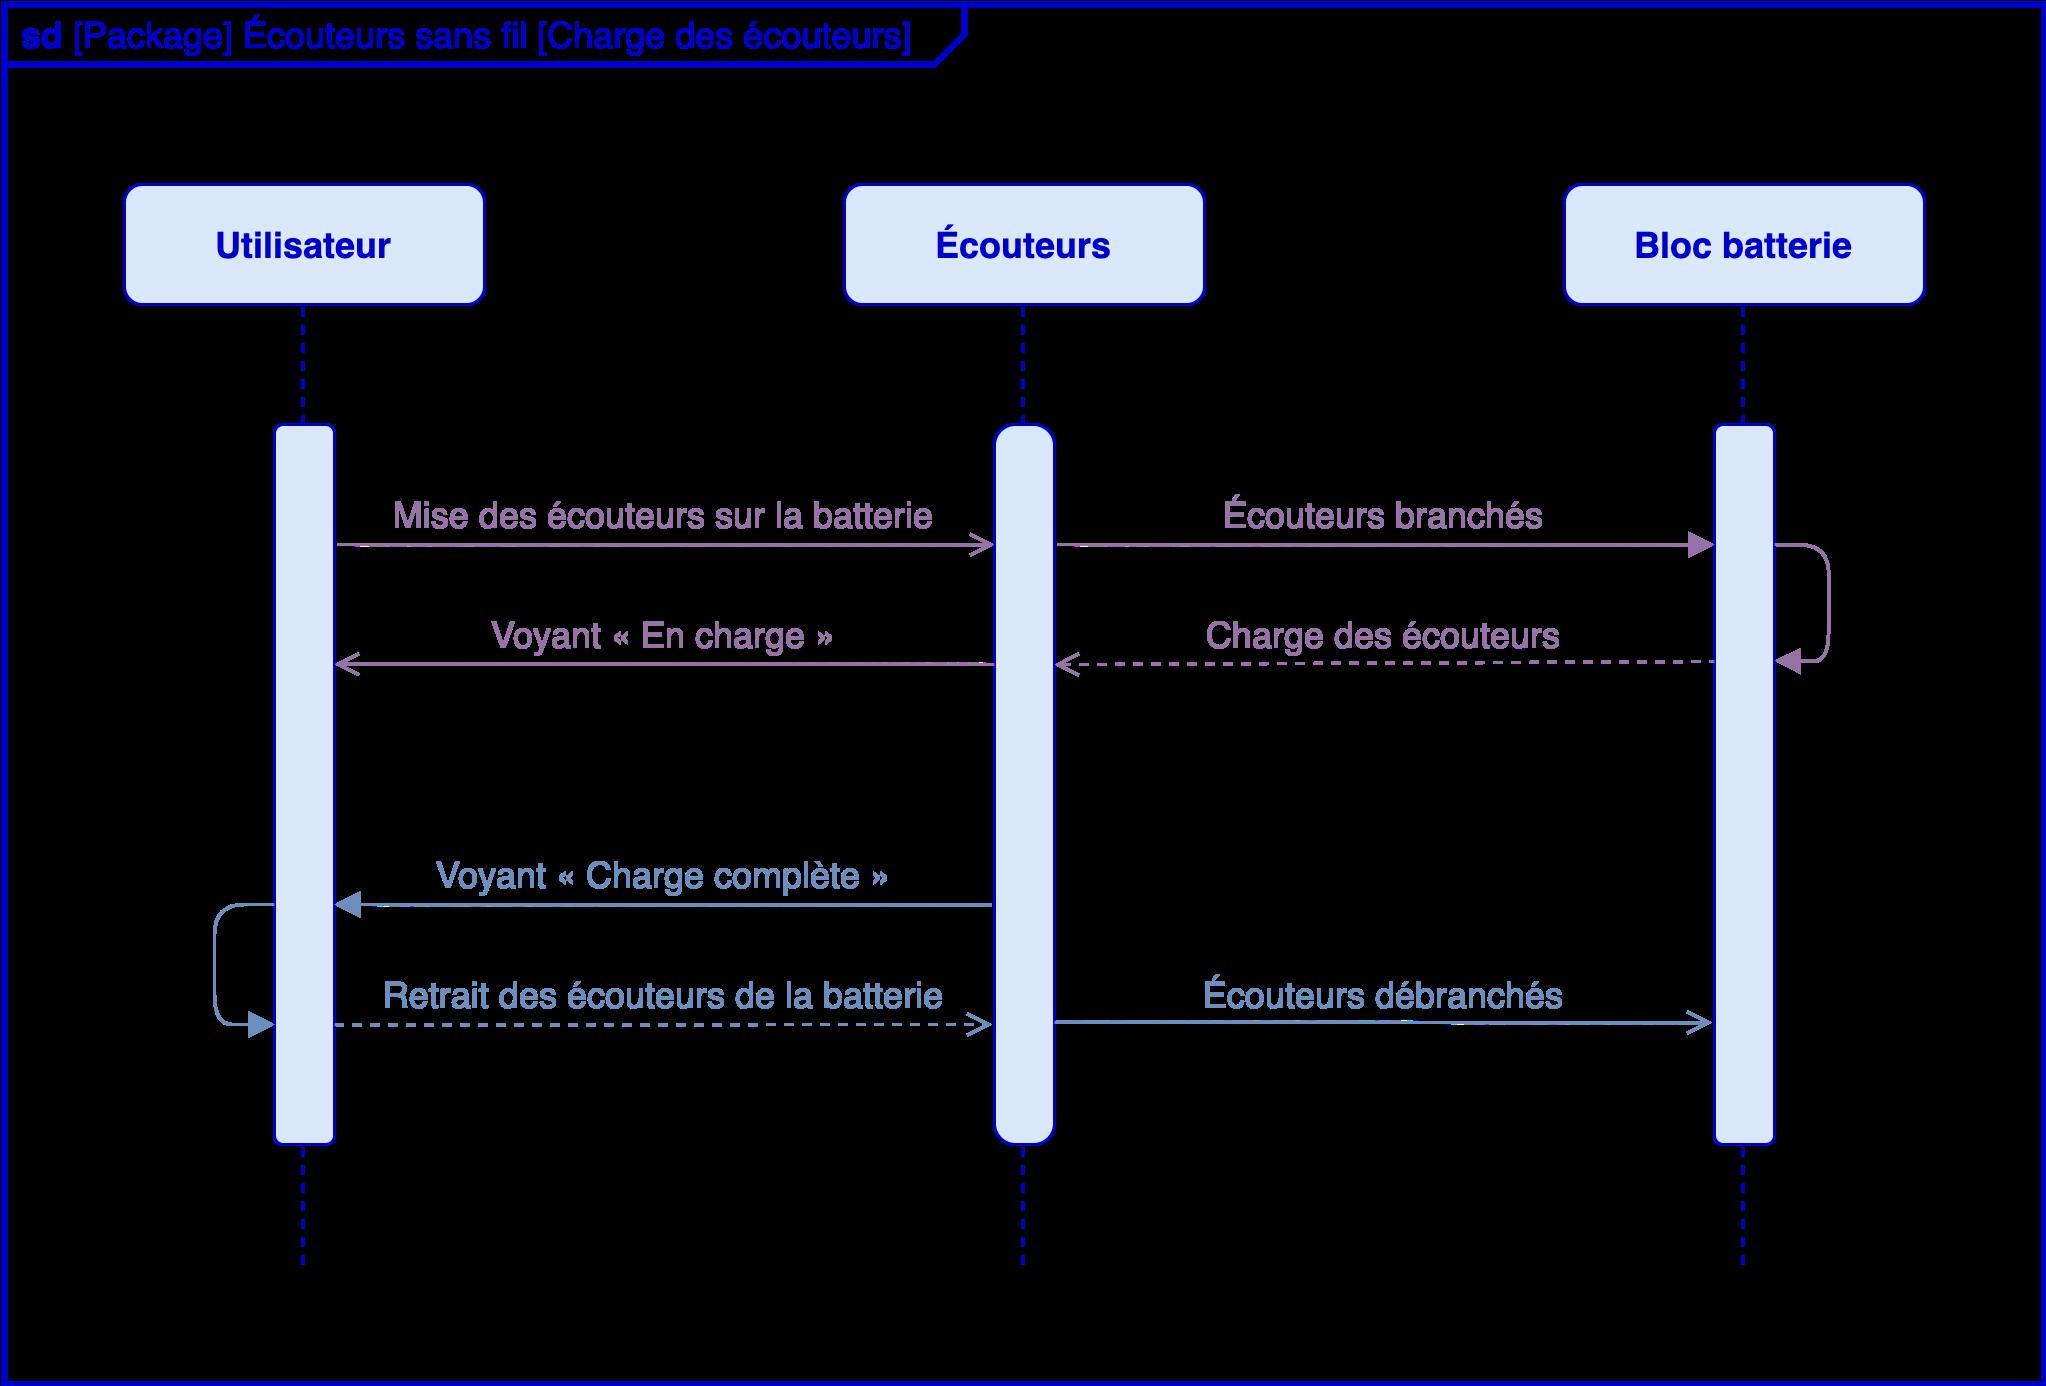 Alt Sciences de l'ingénieur première diagrammes SysML séquence